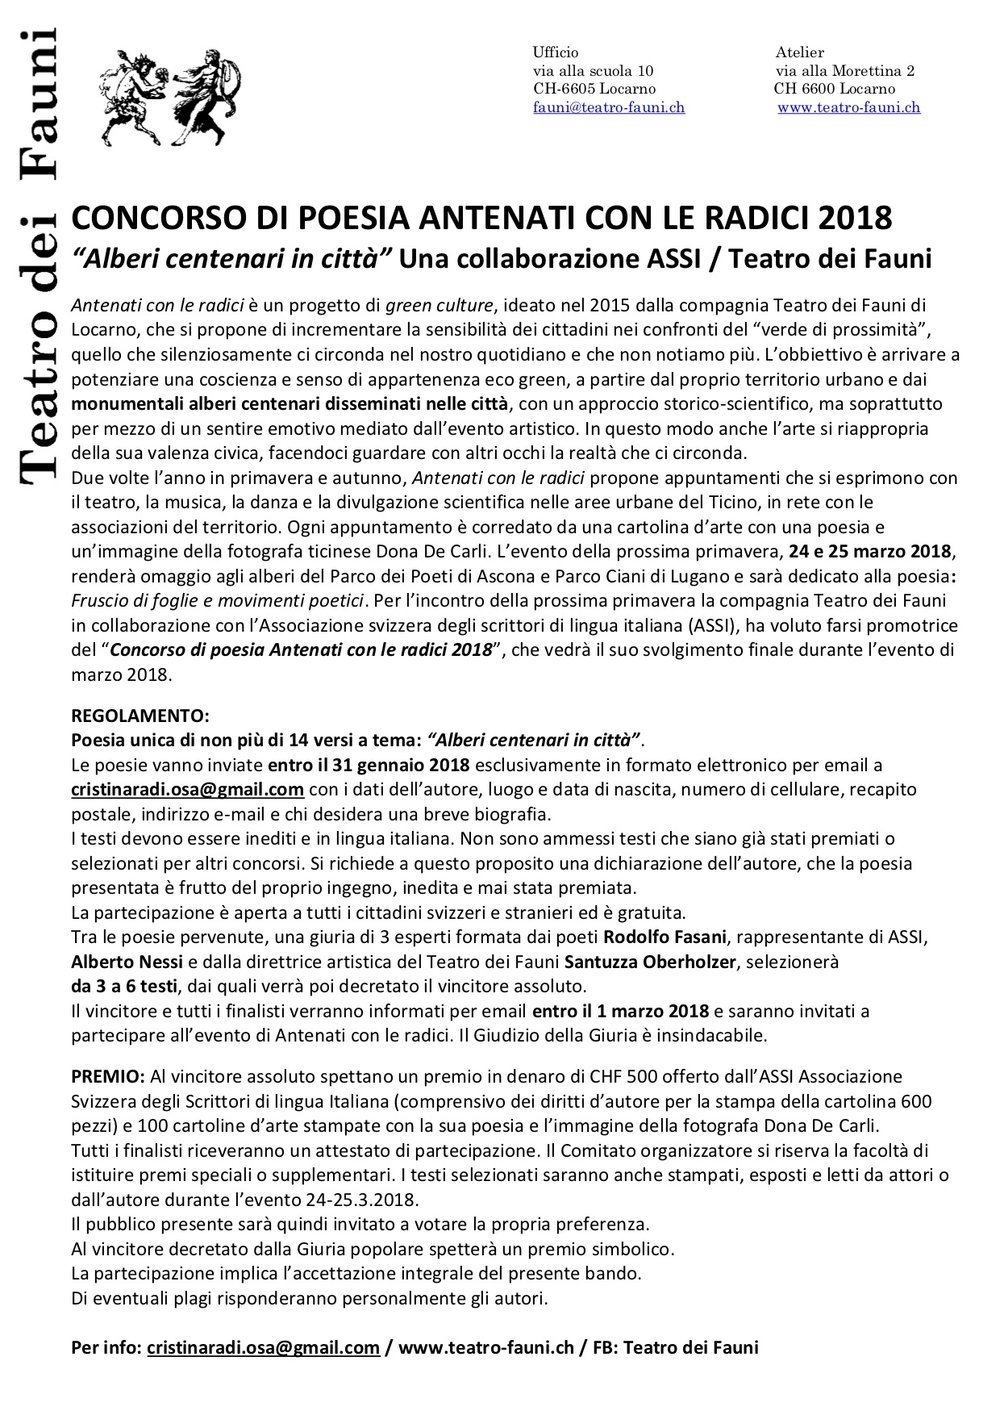 Bando concorso Antenati con le radici 2018.jpg